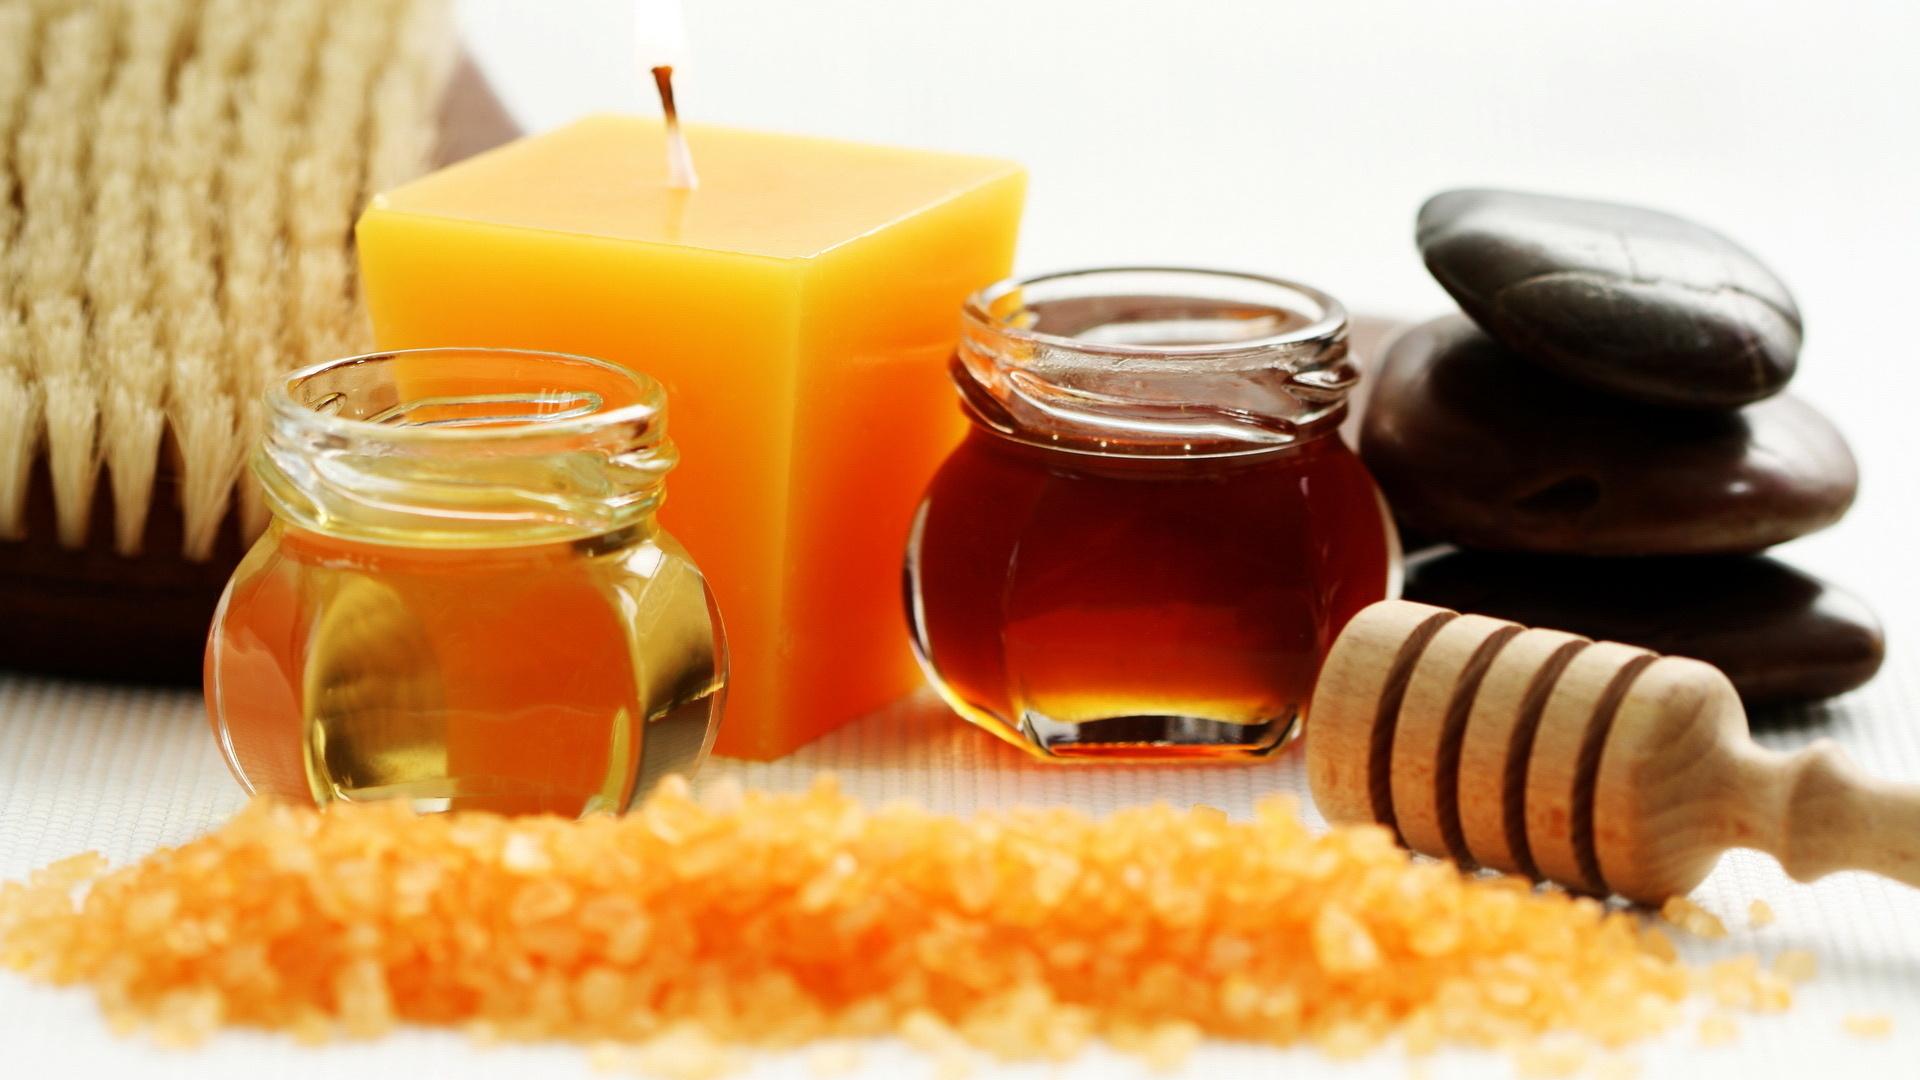 мед, свечка, скачать фото, обои на рабочий стол